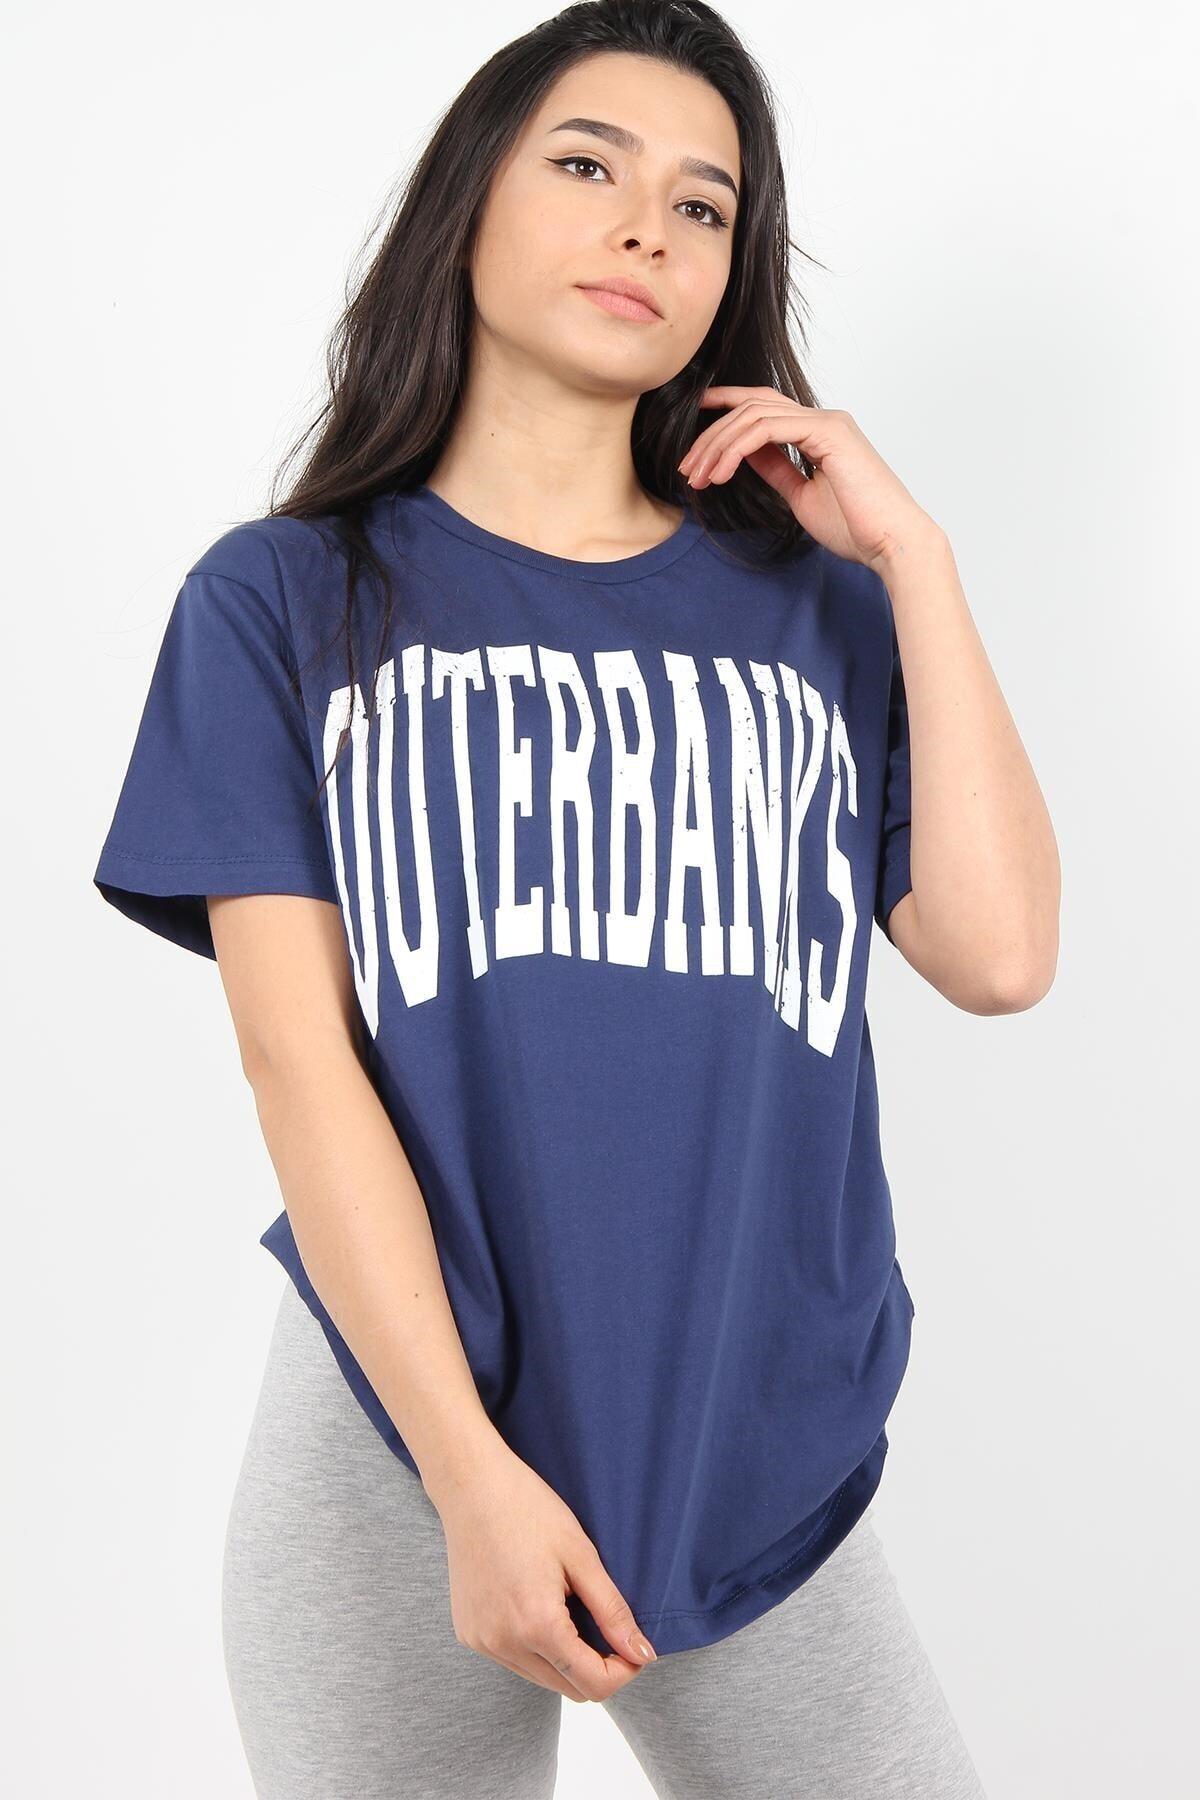 Mckanzie 7516 Outerbanks Yazılı O Yaka Tshirt 2